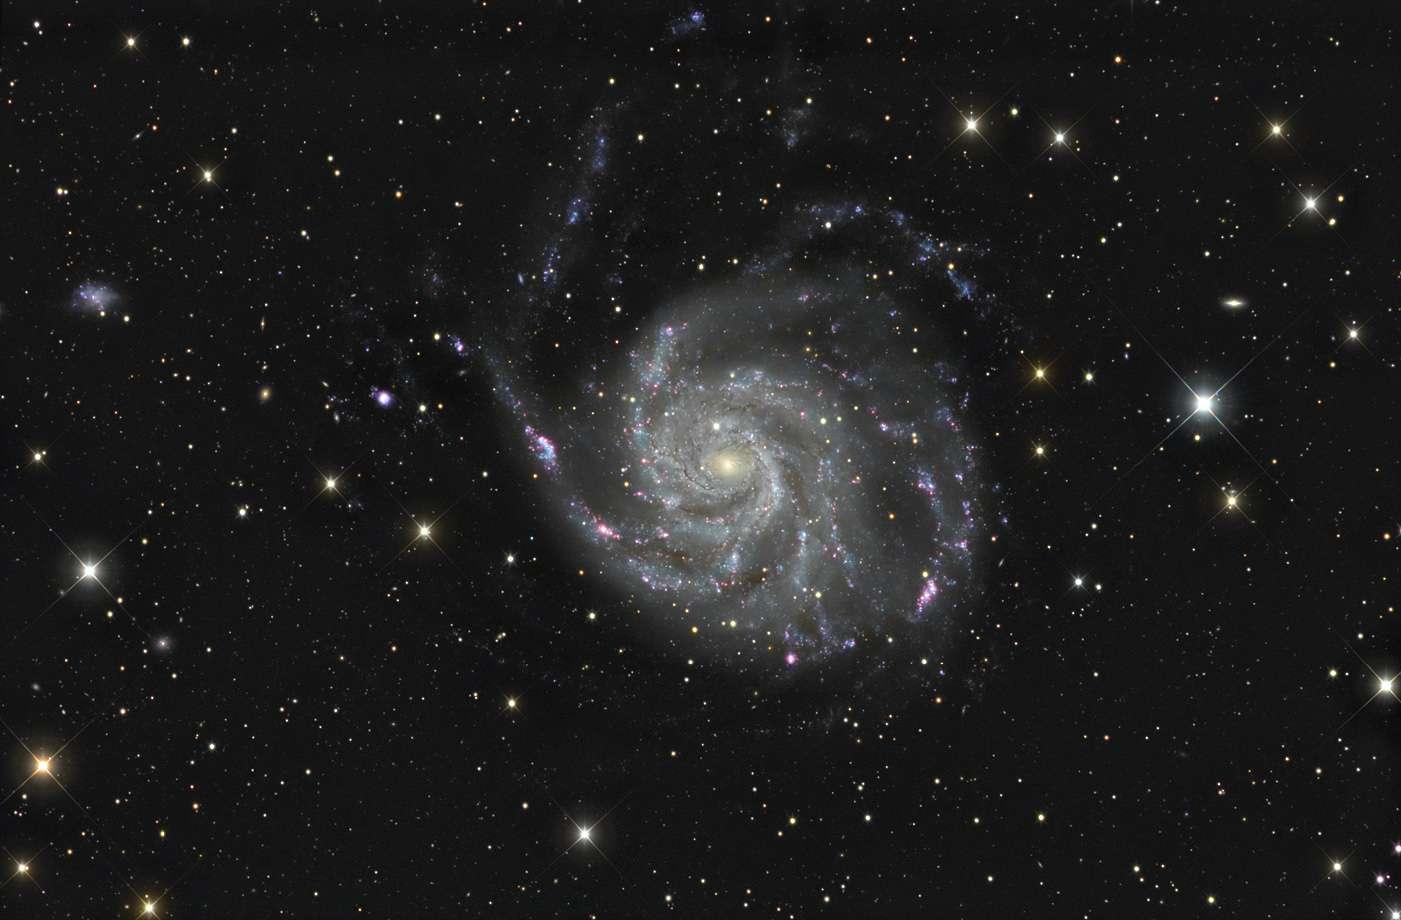 Florent Poiget a réalisé cette somptueuse image de la galaxie M 101 avec un astrographe de 30 centimètres de diamètre et 16 heures de pose. © F. Poiget